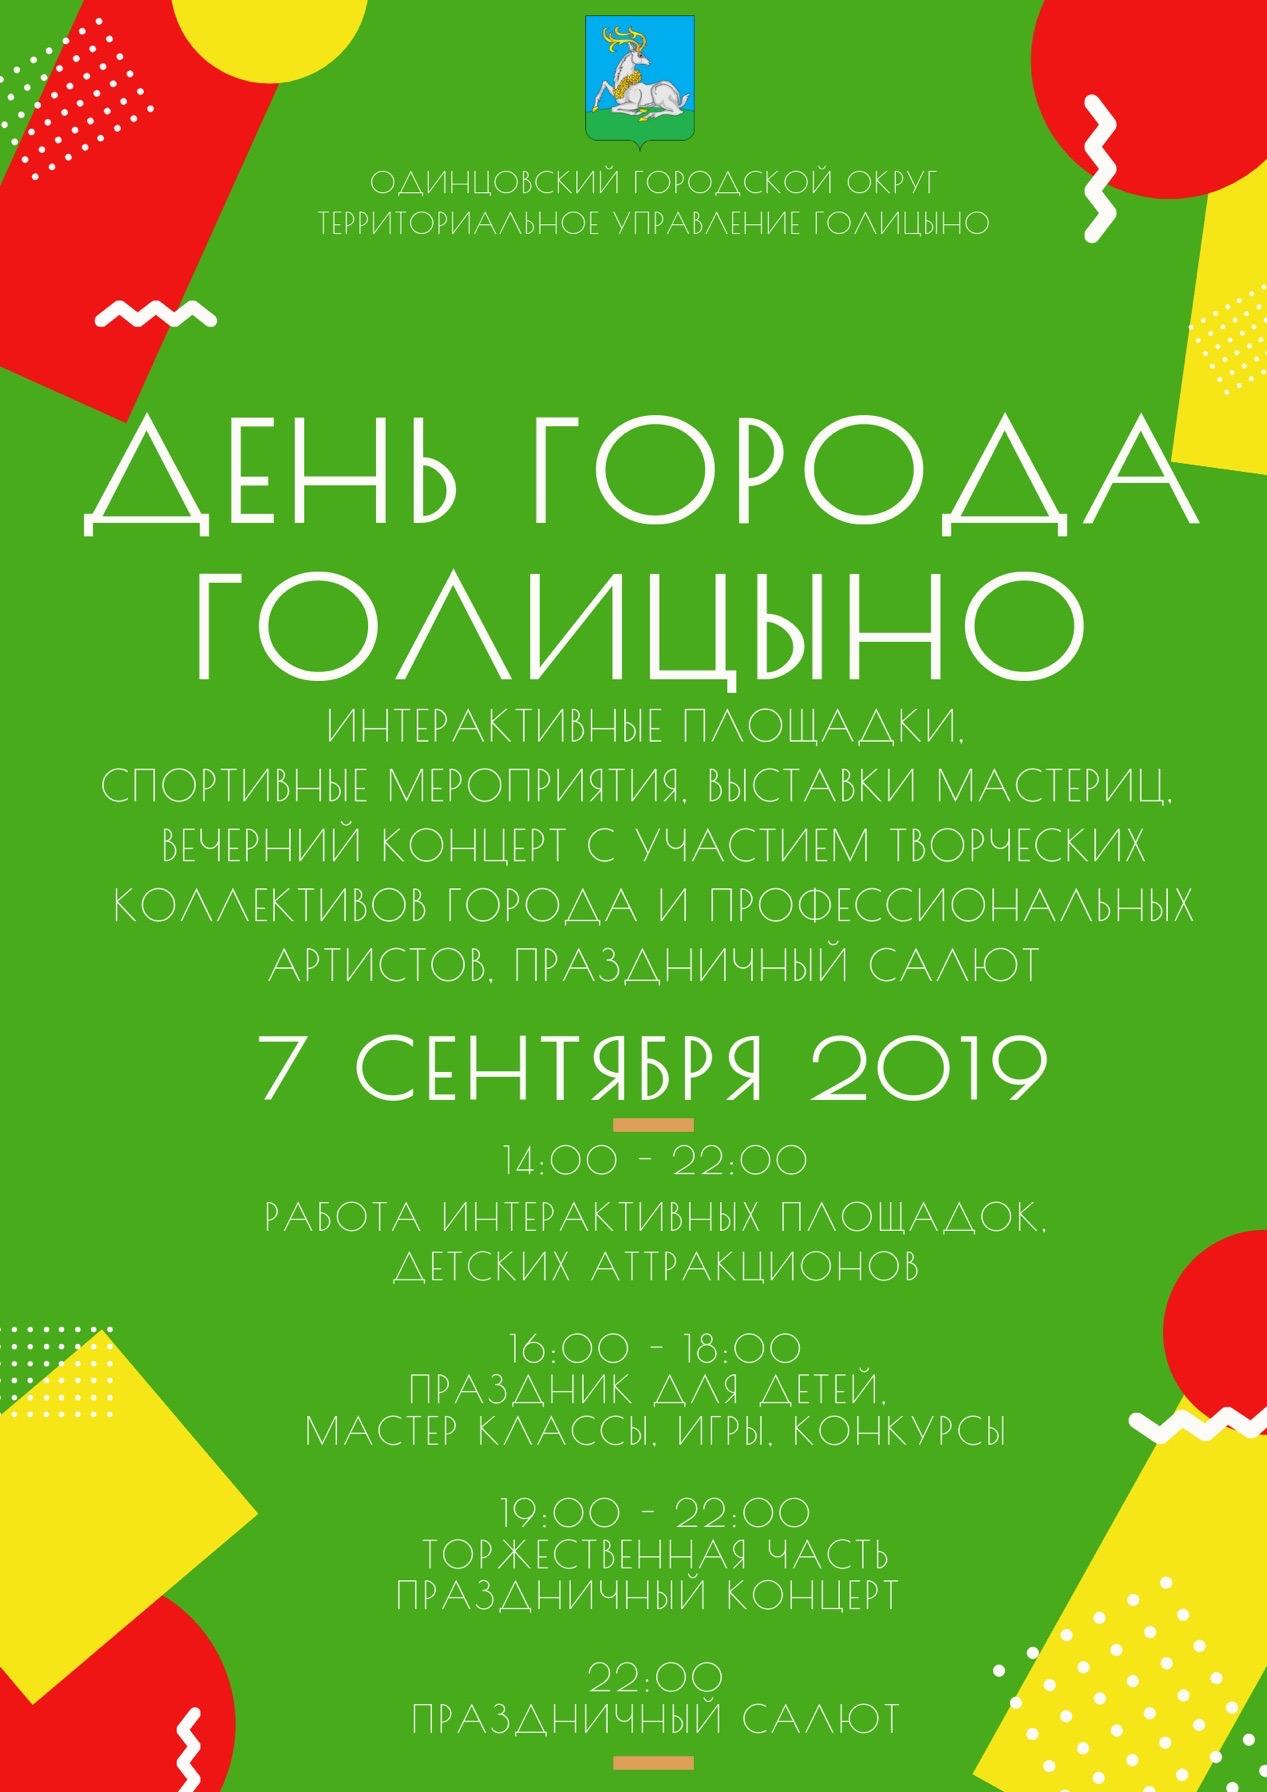 день города Голицыно 2019